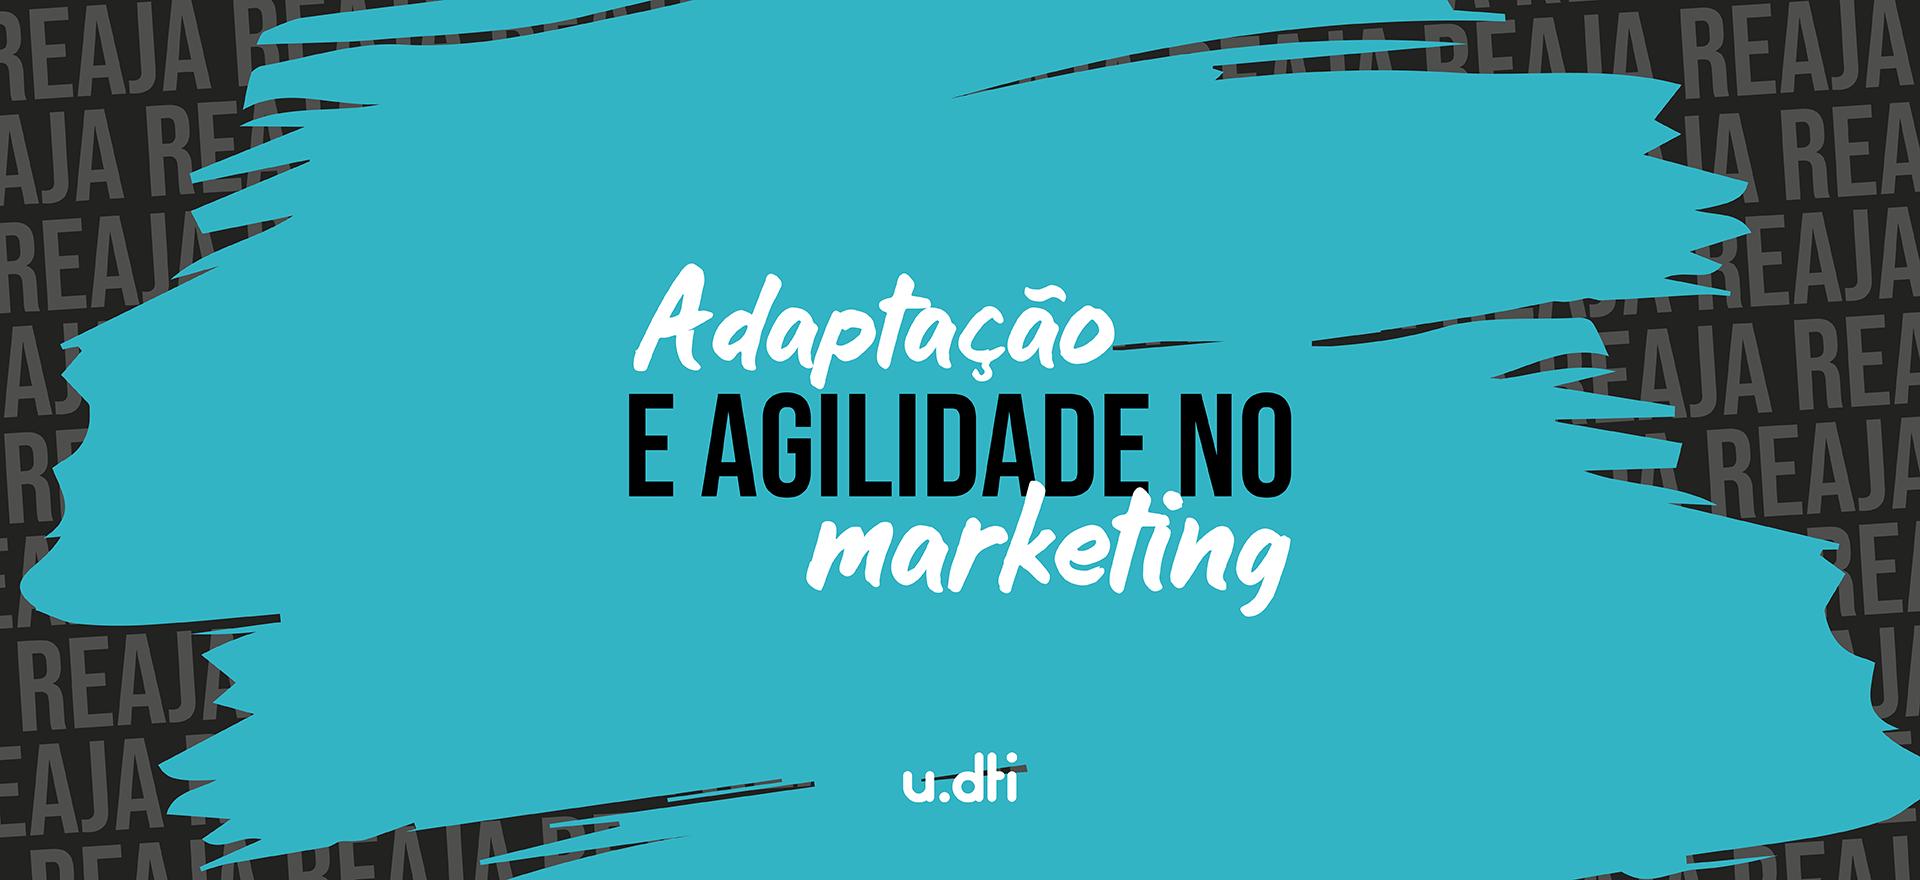 Adaptação e agilidade no marketing